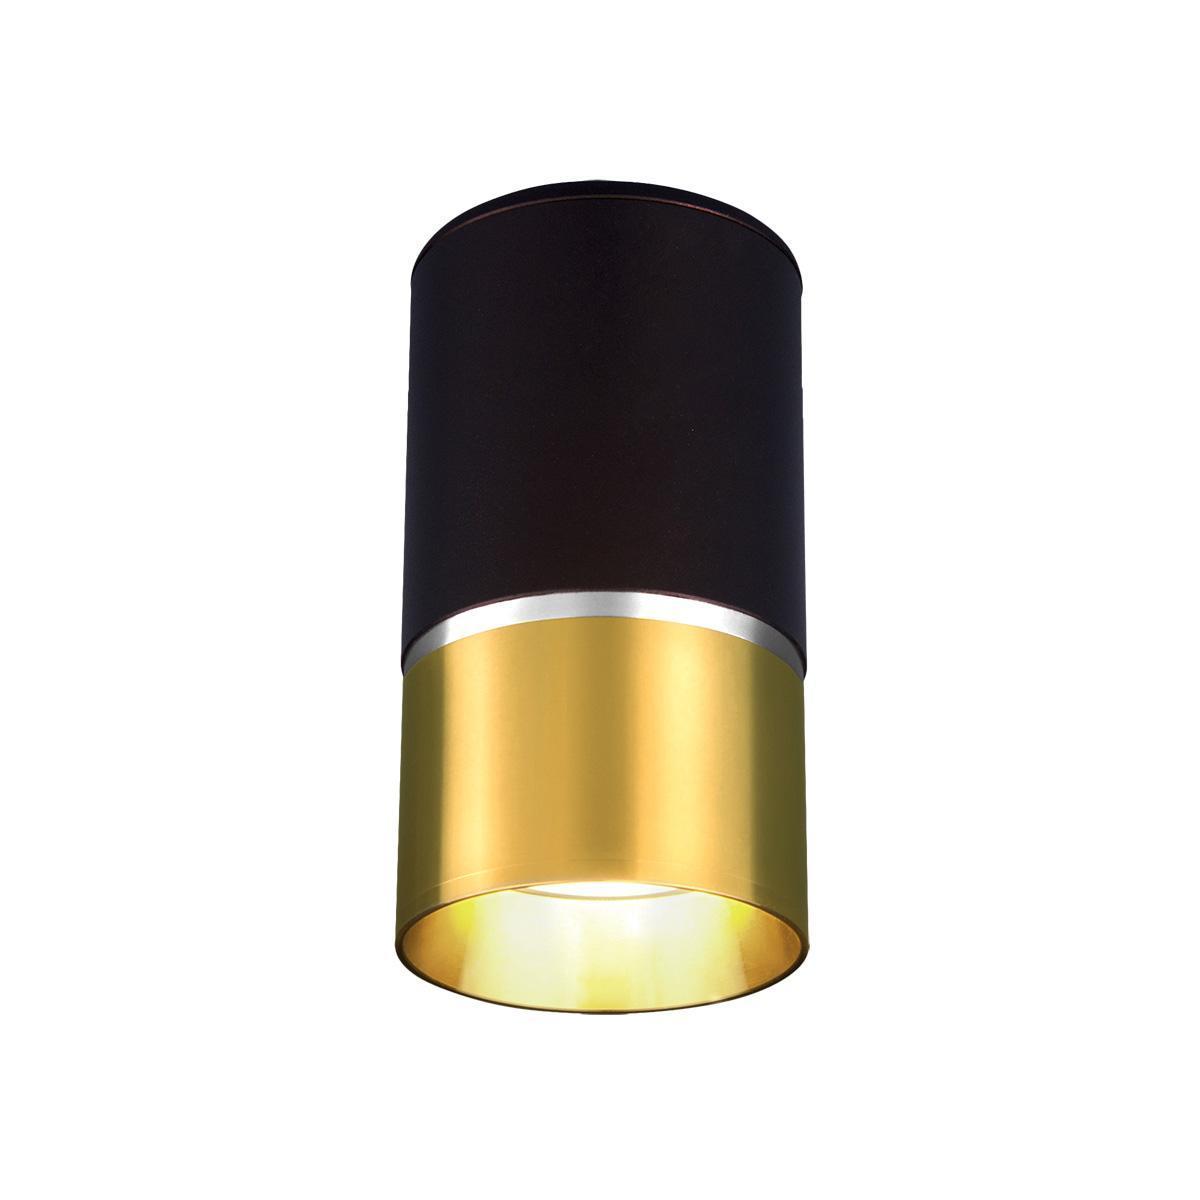 Потолочный светильник Elektrostandard DLN106 GU10 золото 4690389148590